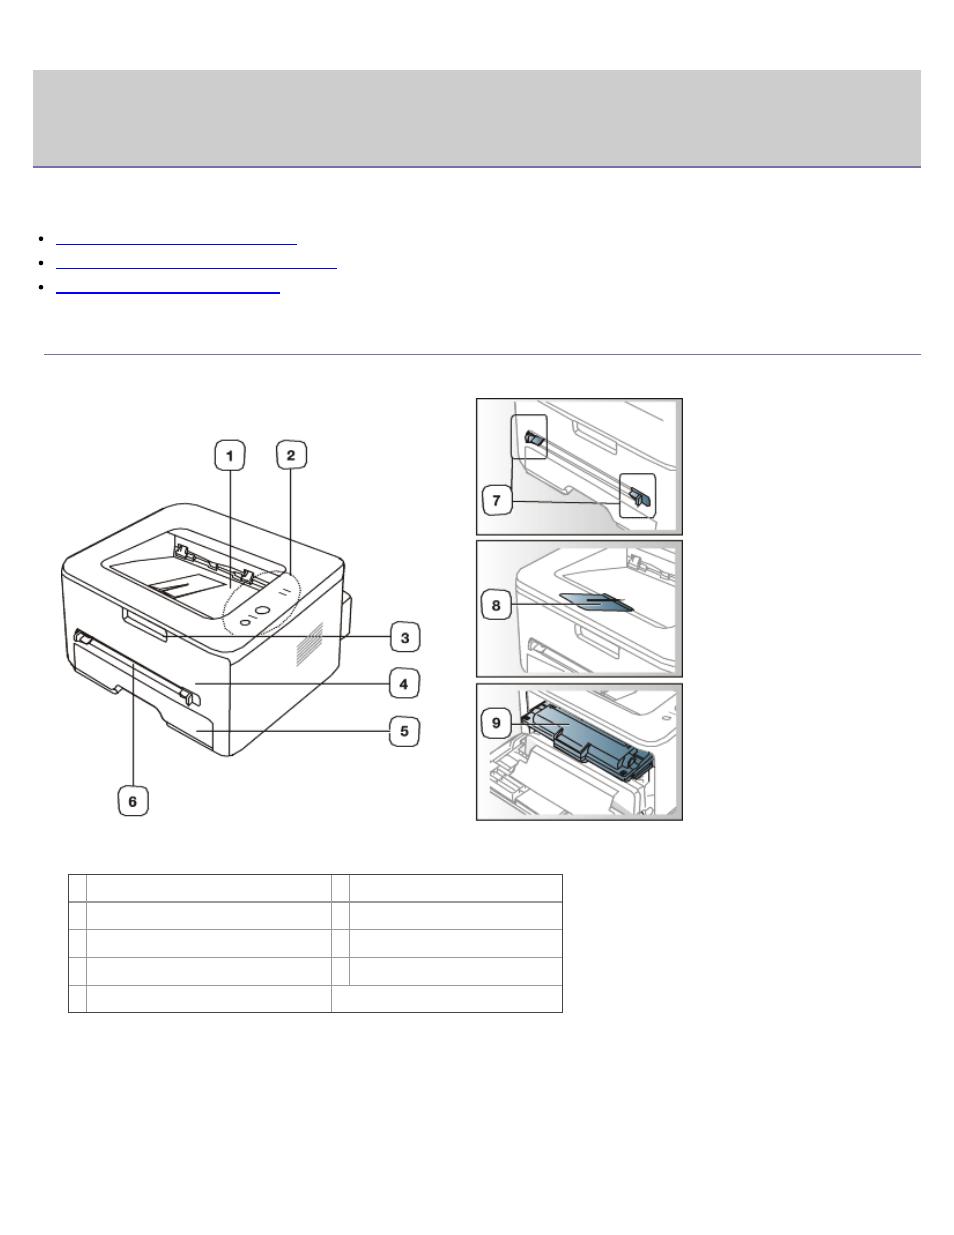 Introducción, Descripción general del dispositivo, Vista frontal   Vista  posterior   Dell 1130 Laser